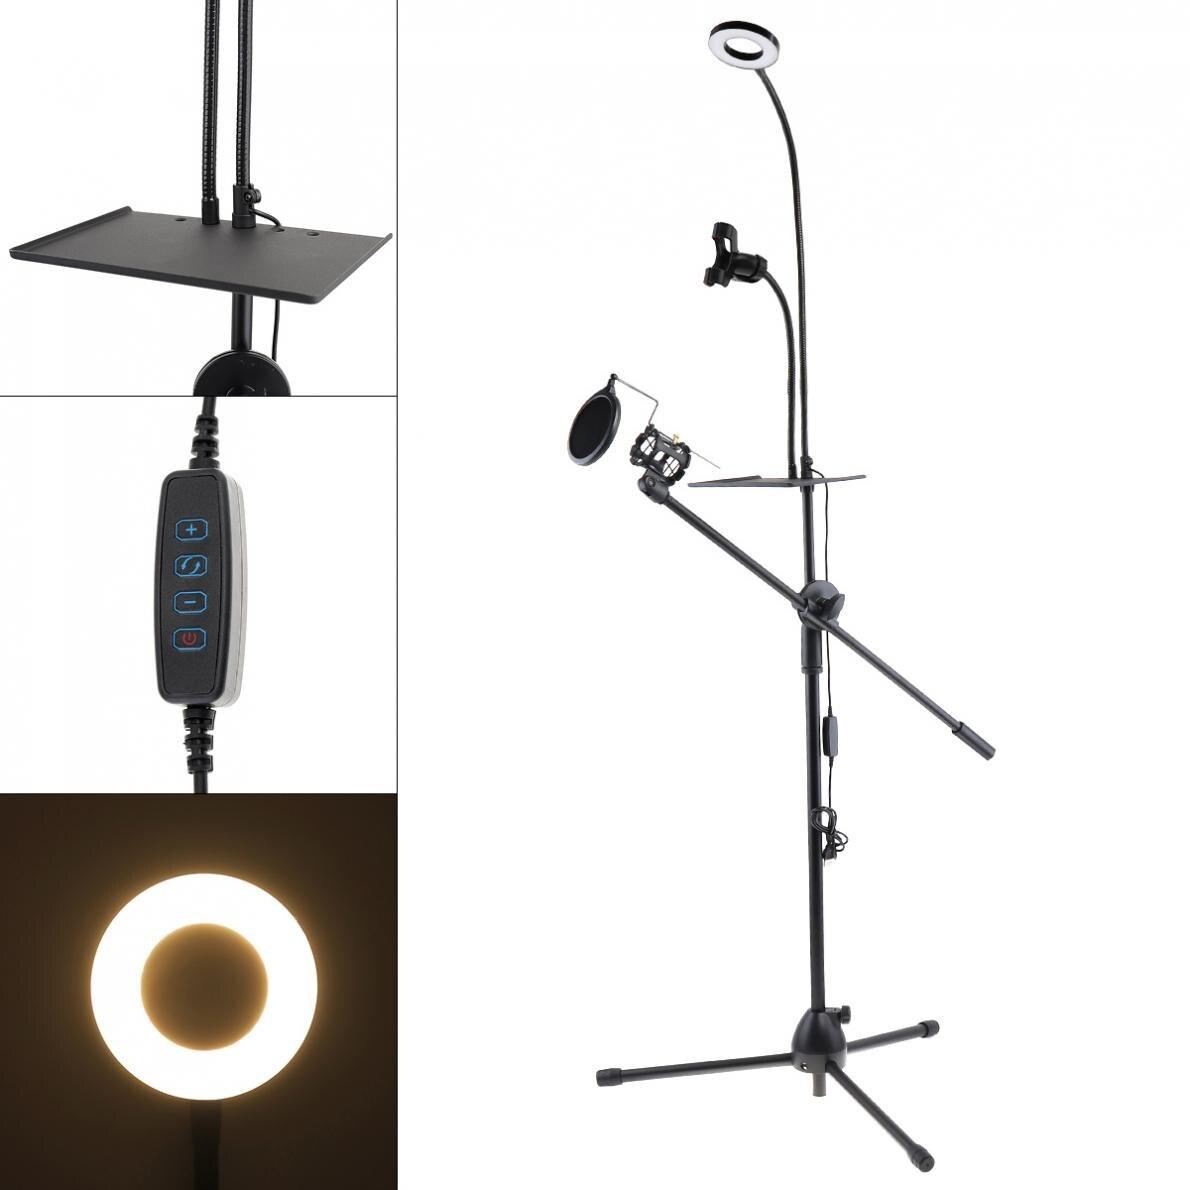 Multifunción transmisión en vivo cuello de cisne soporte de teléfono celular bandeja soporte trípode con luz de Selfie y micrófono soporte Pop filtro